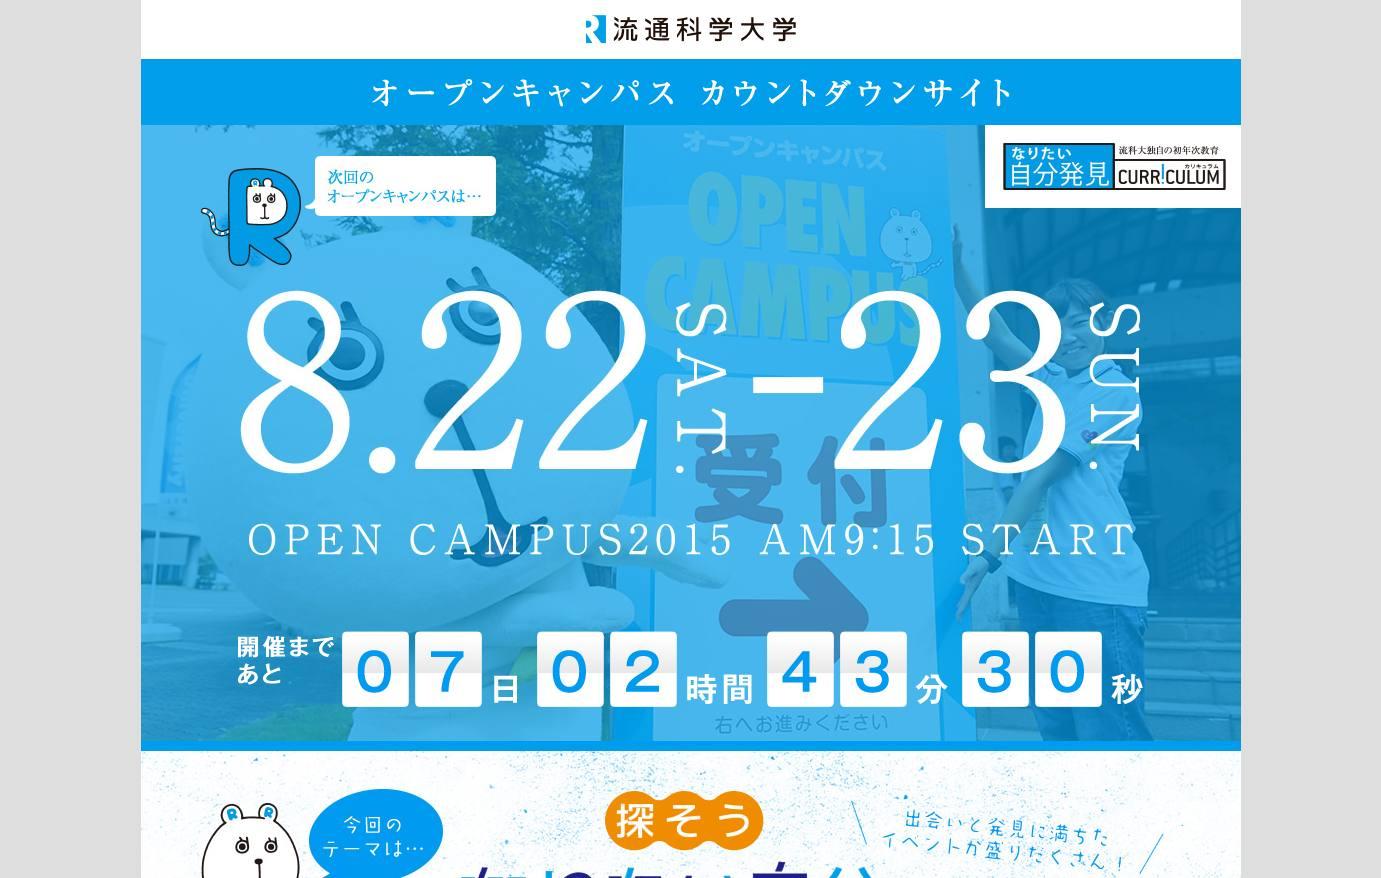 オープンキャンパス カウントダウンサイト - 流通科学大学